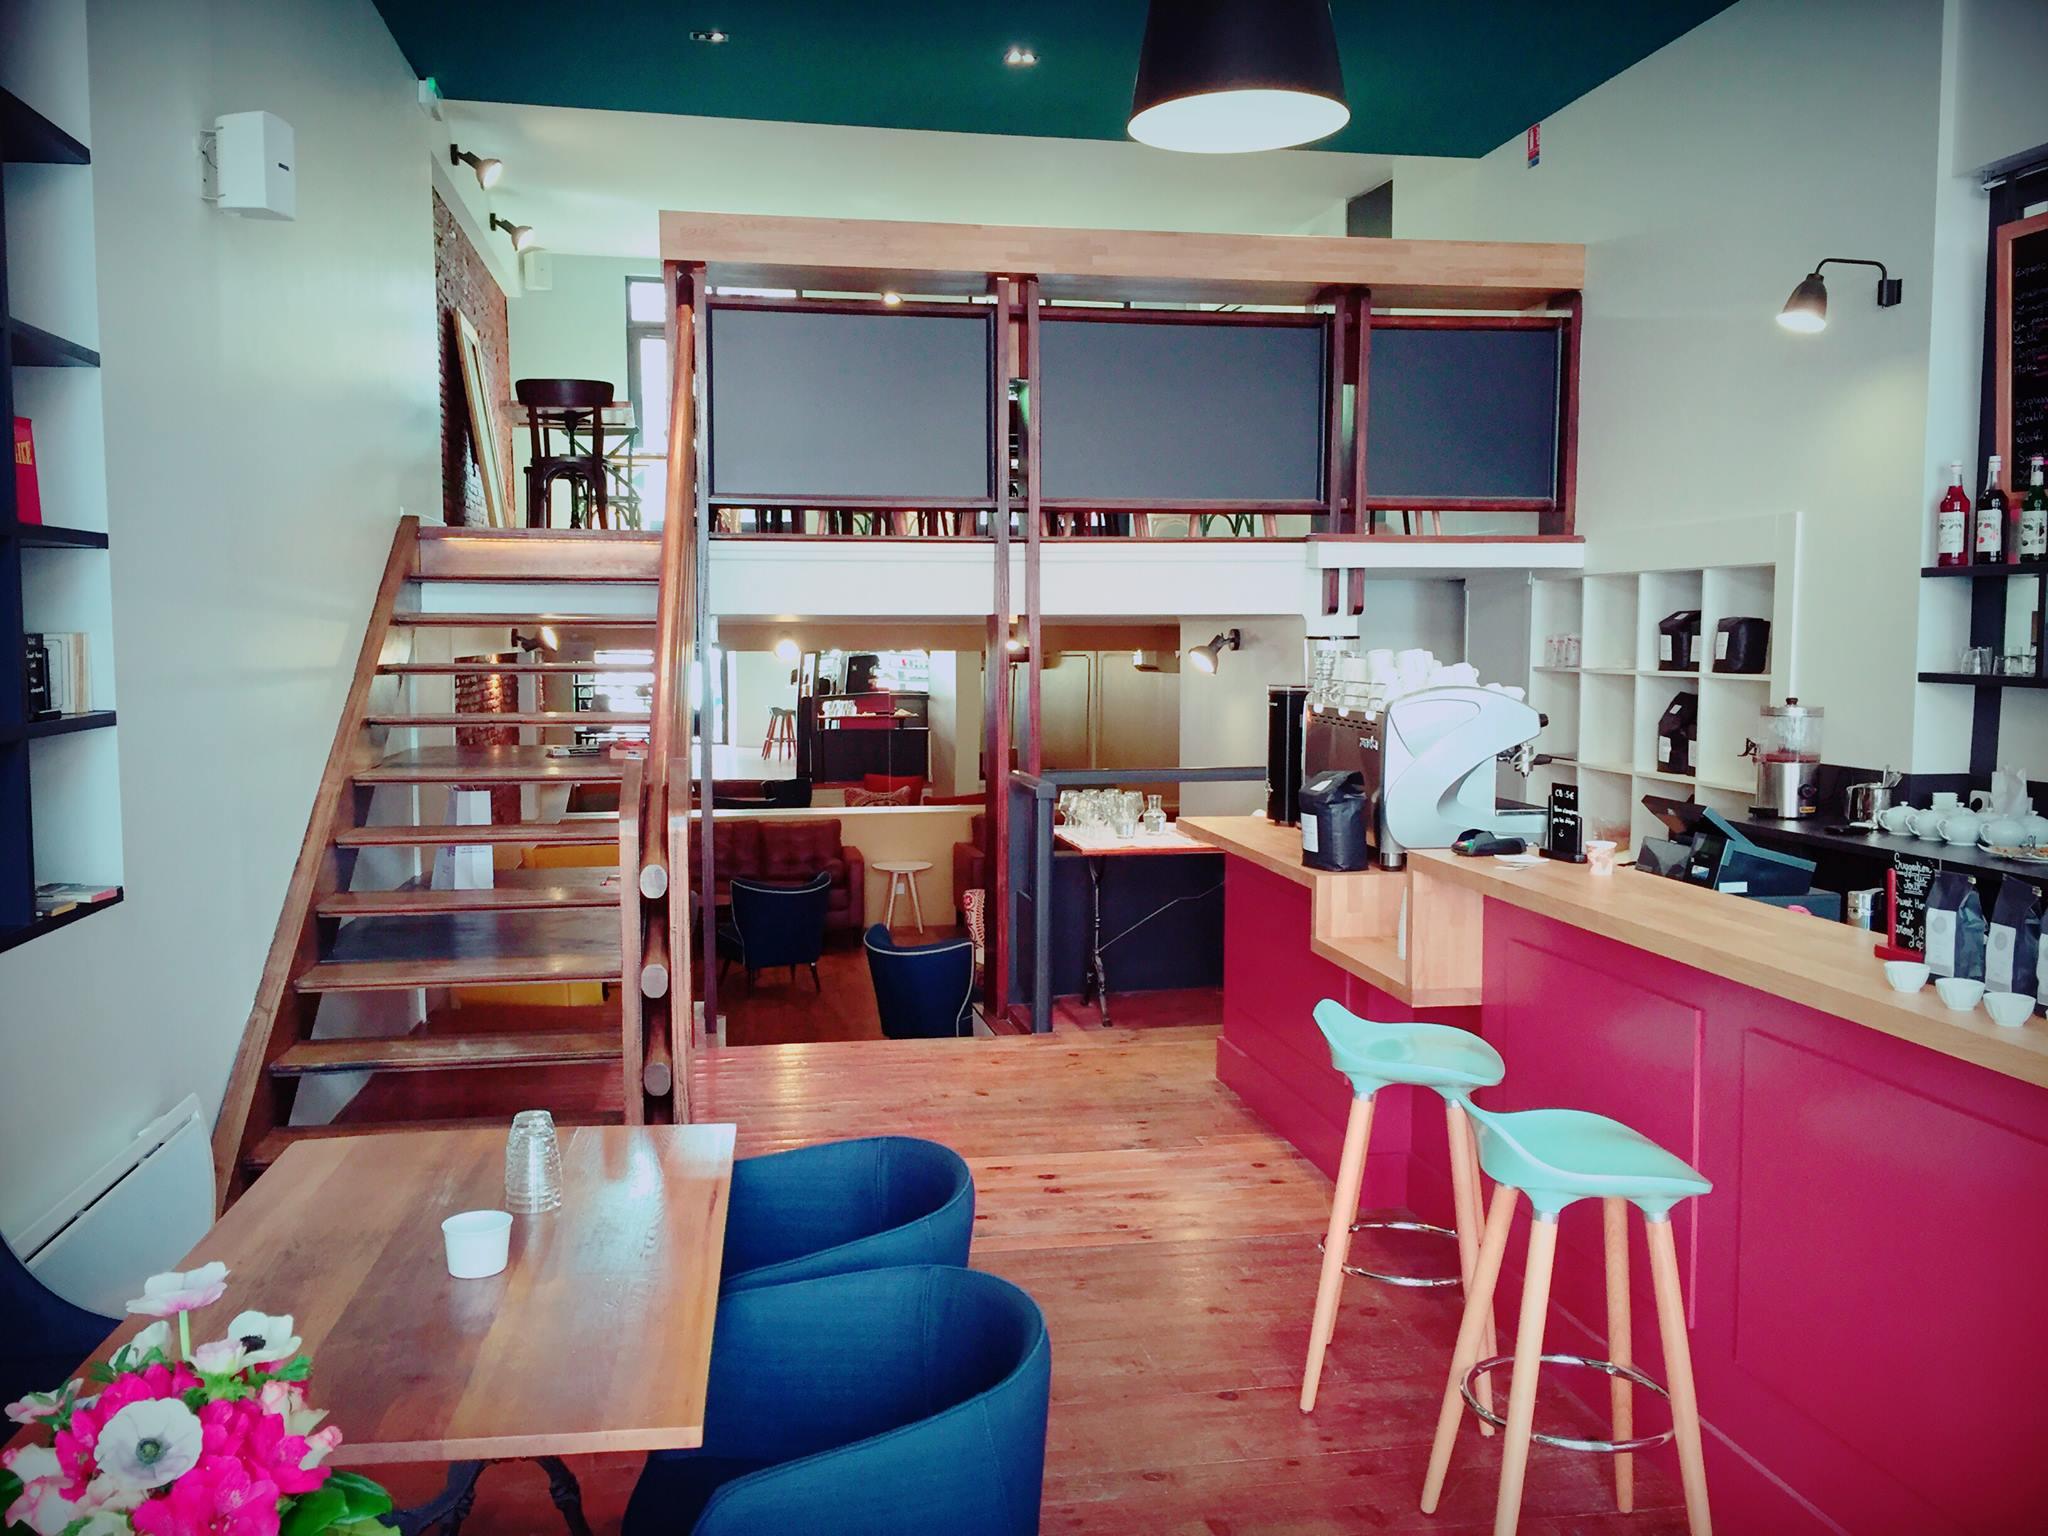 intérieur du sweet home cafe